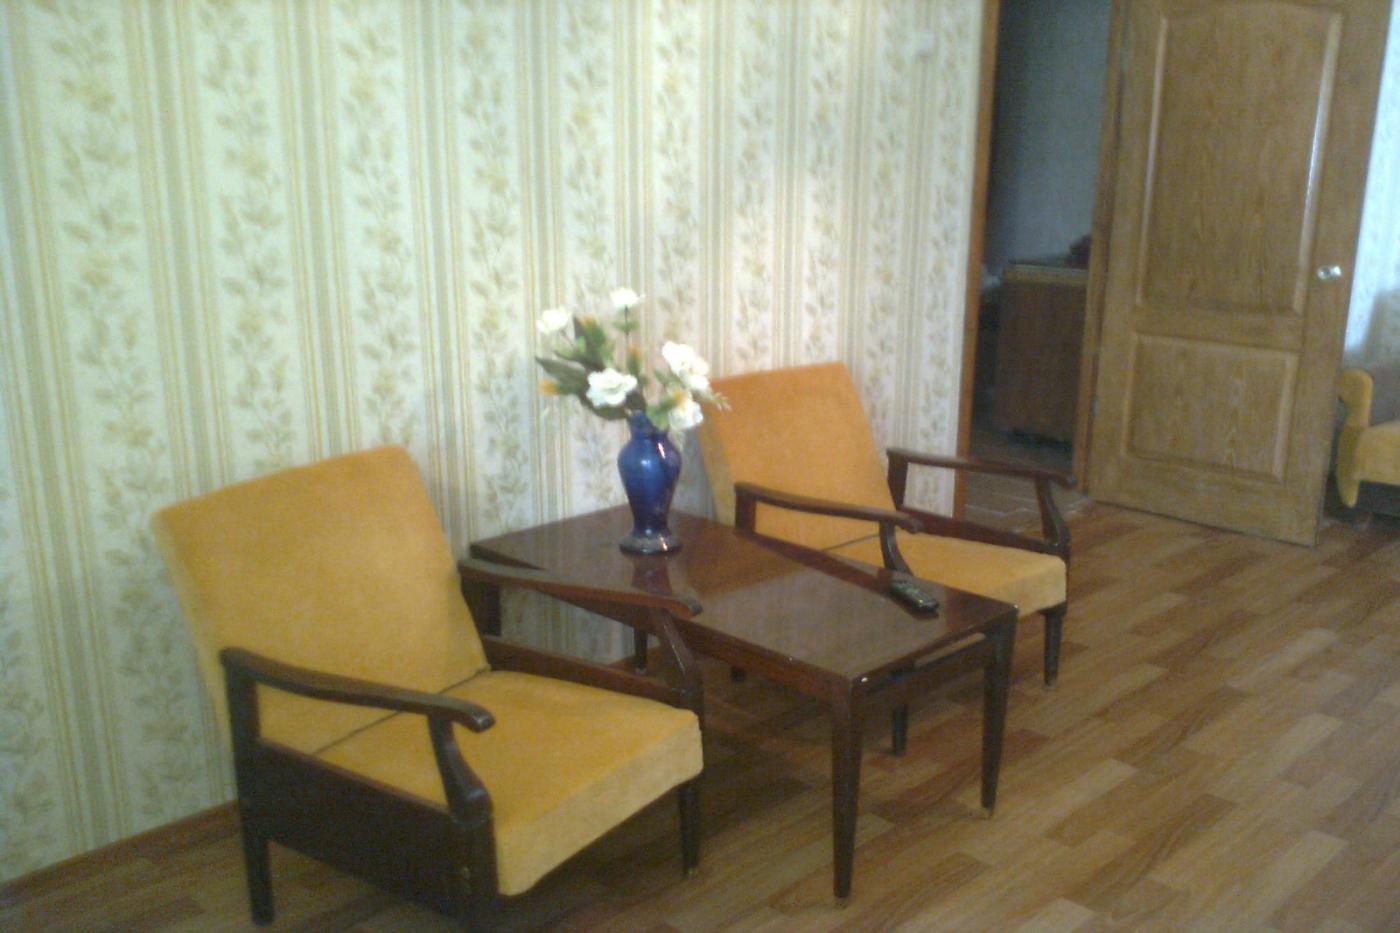 2-комнатная квартира посуточно (вариант № 2427), ул. Ефремова улица, фото № 3